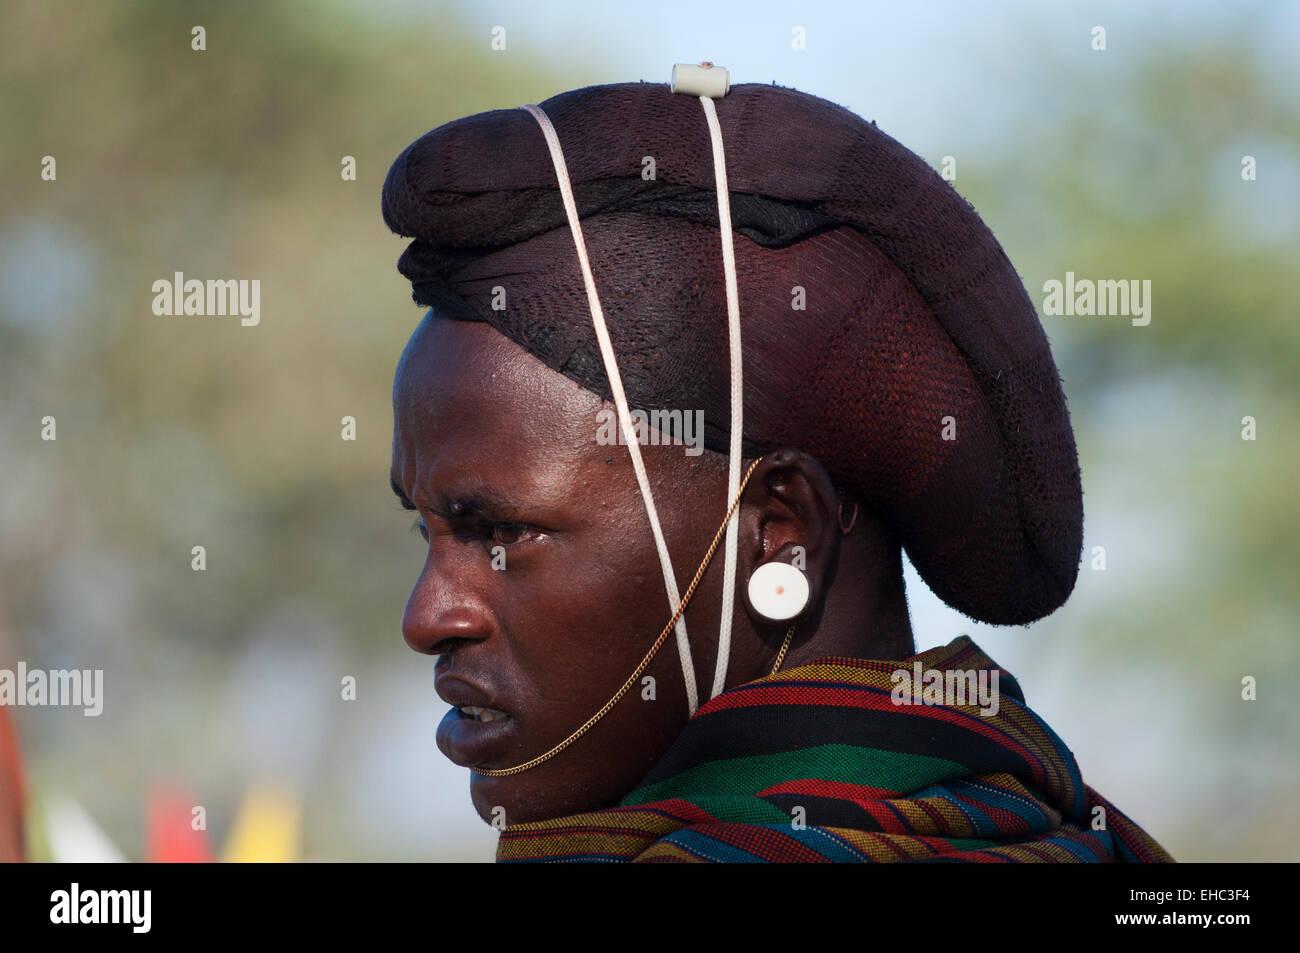 Ein Samburu Moran Krieger Mit Haaren In Einem Netz Bei Einer